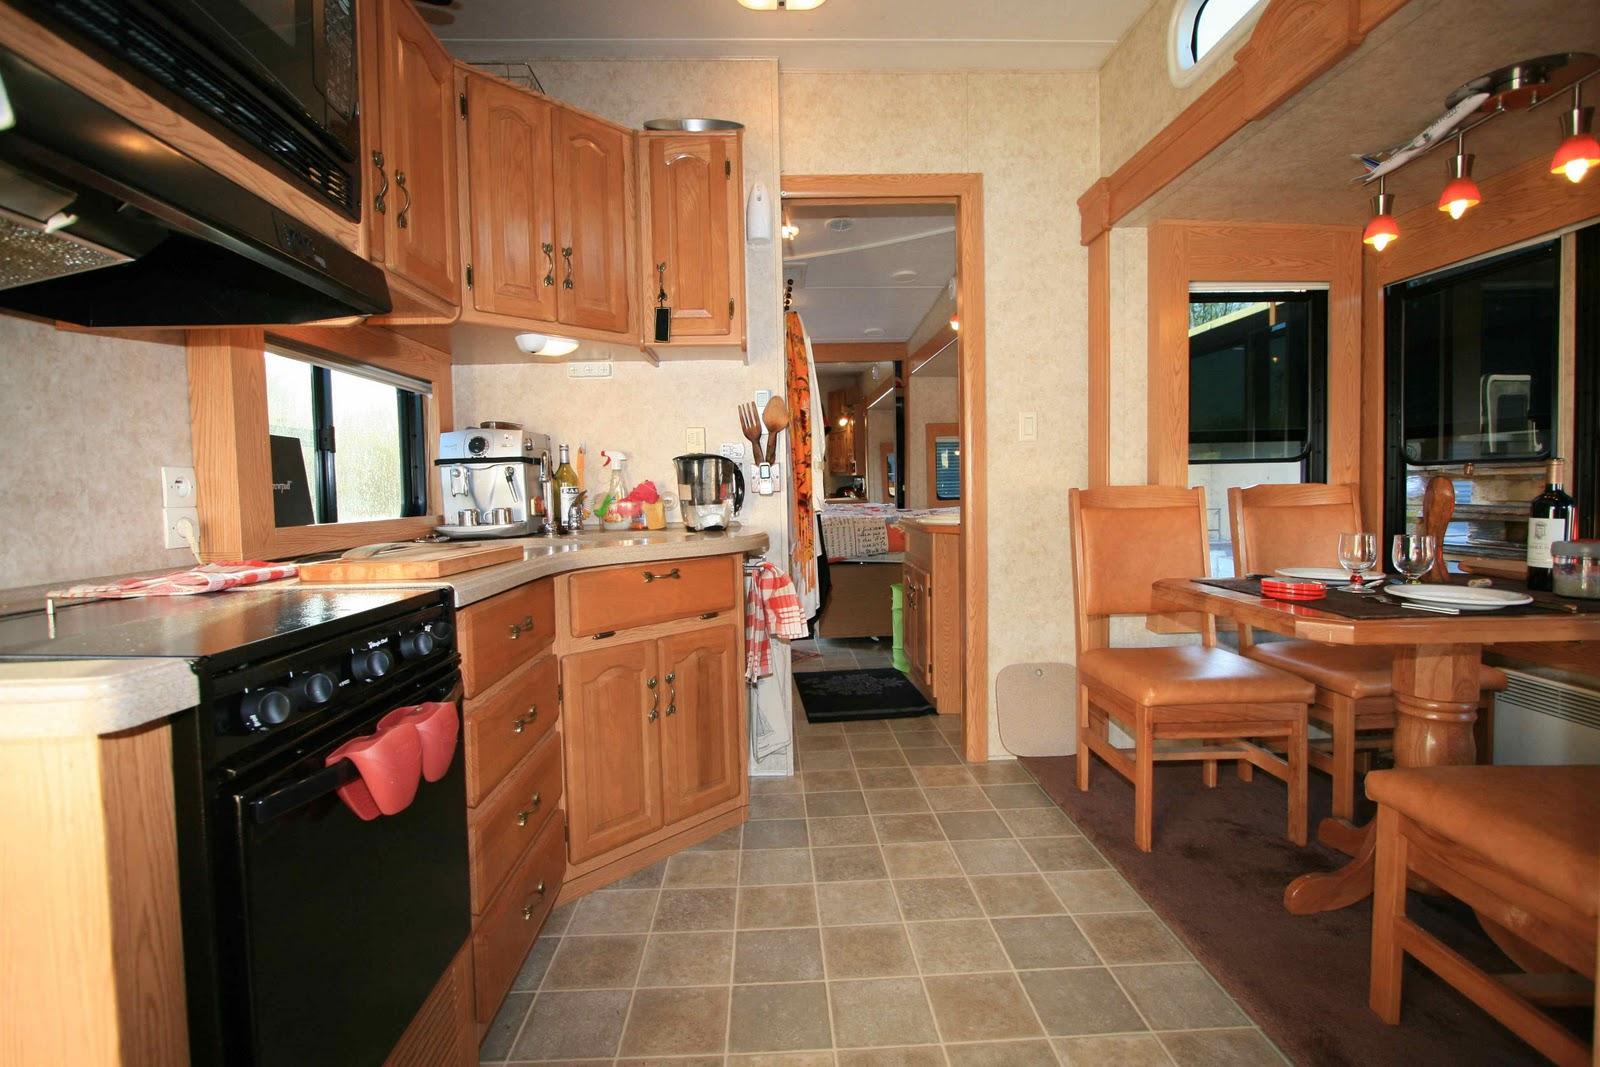 Av caravane sellette 4 tiroirs - Transformation cuisine ...